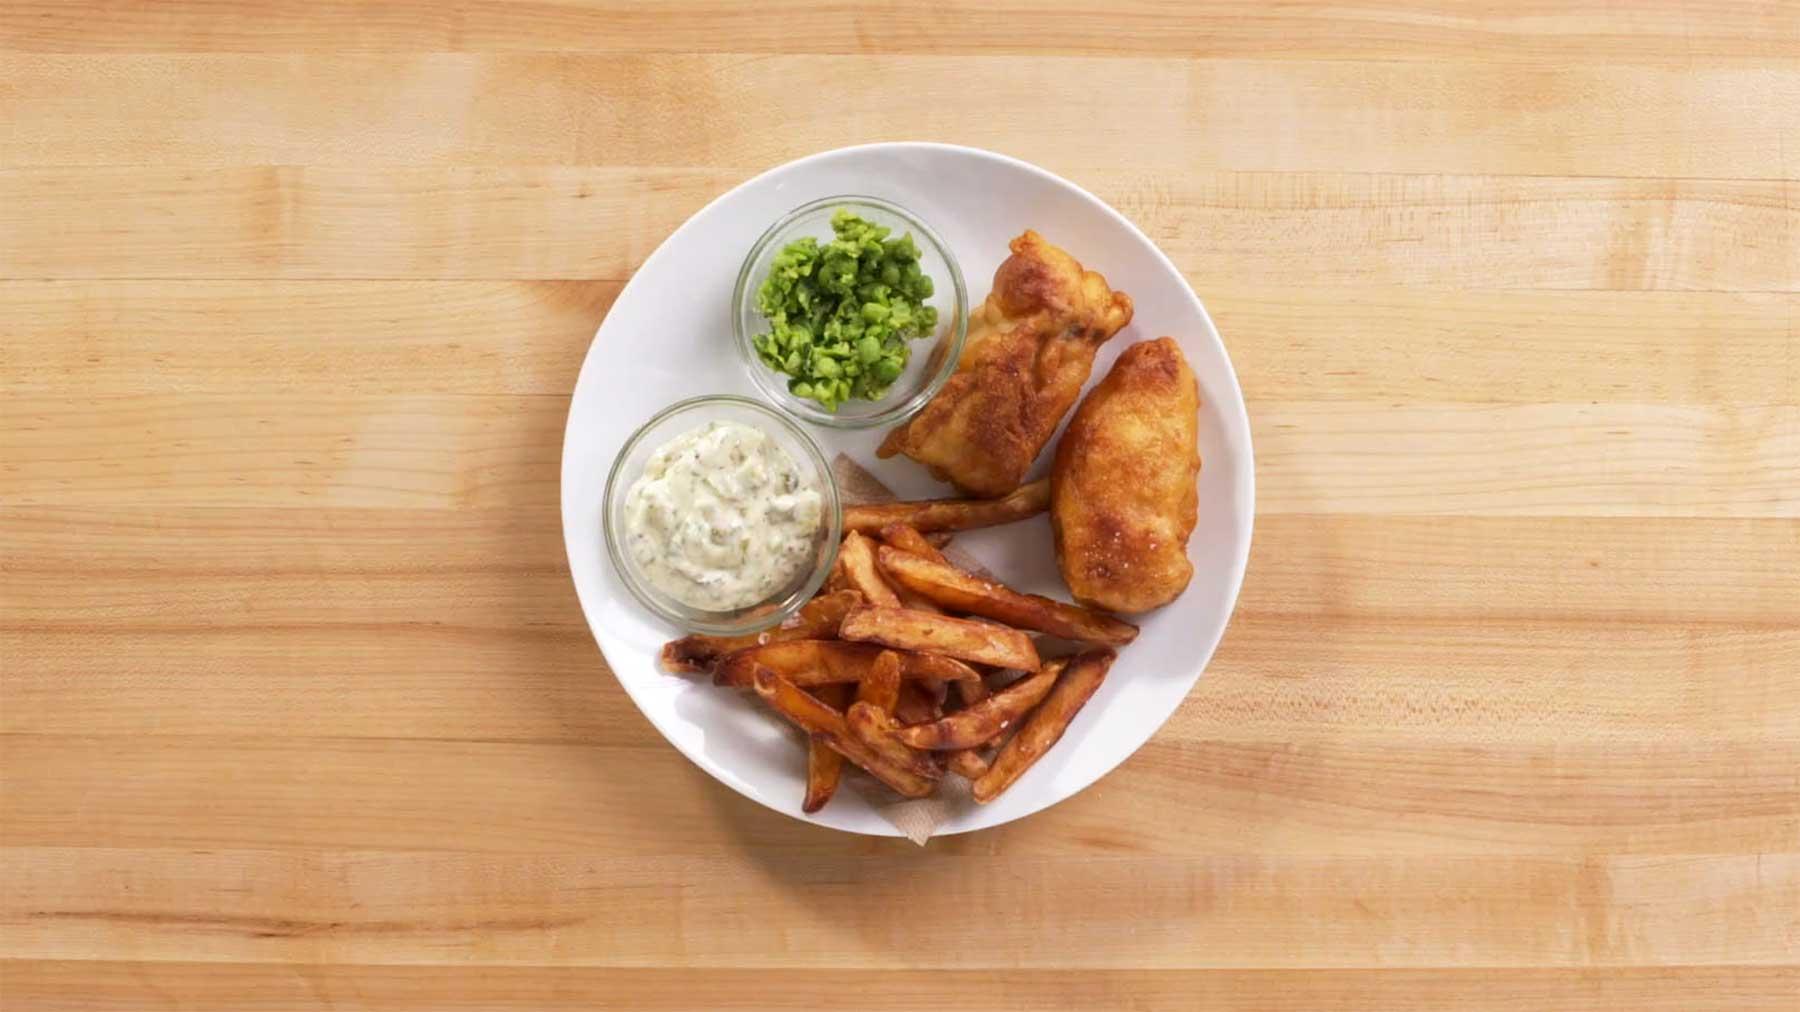 Köche unterschiedlicher Fähigkeitsstufen machen Fish & Chips